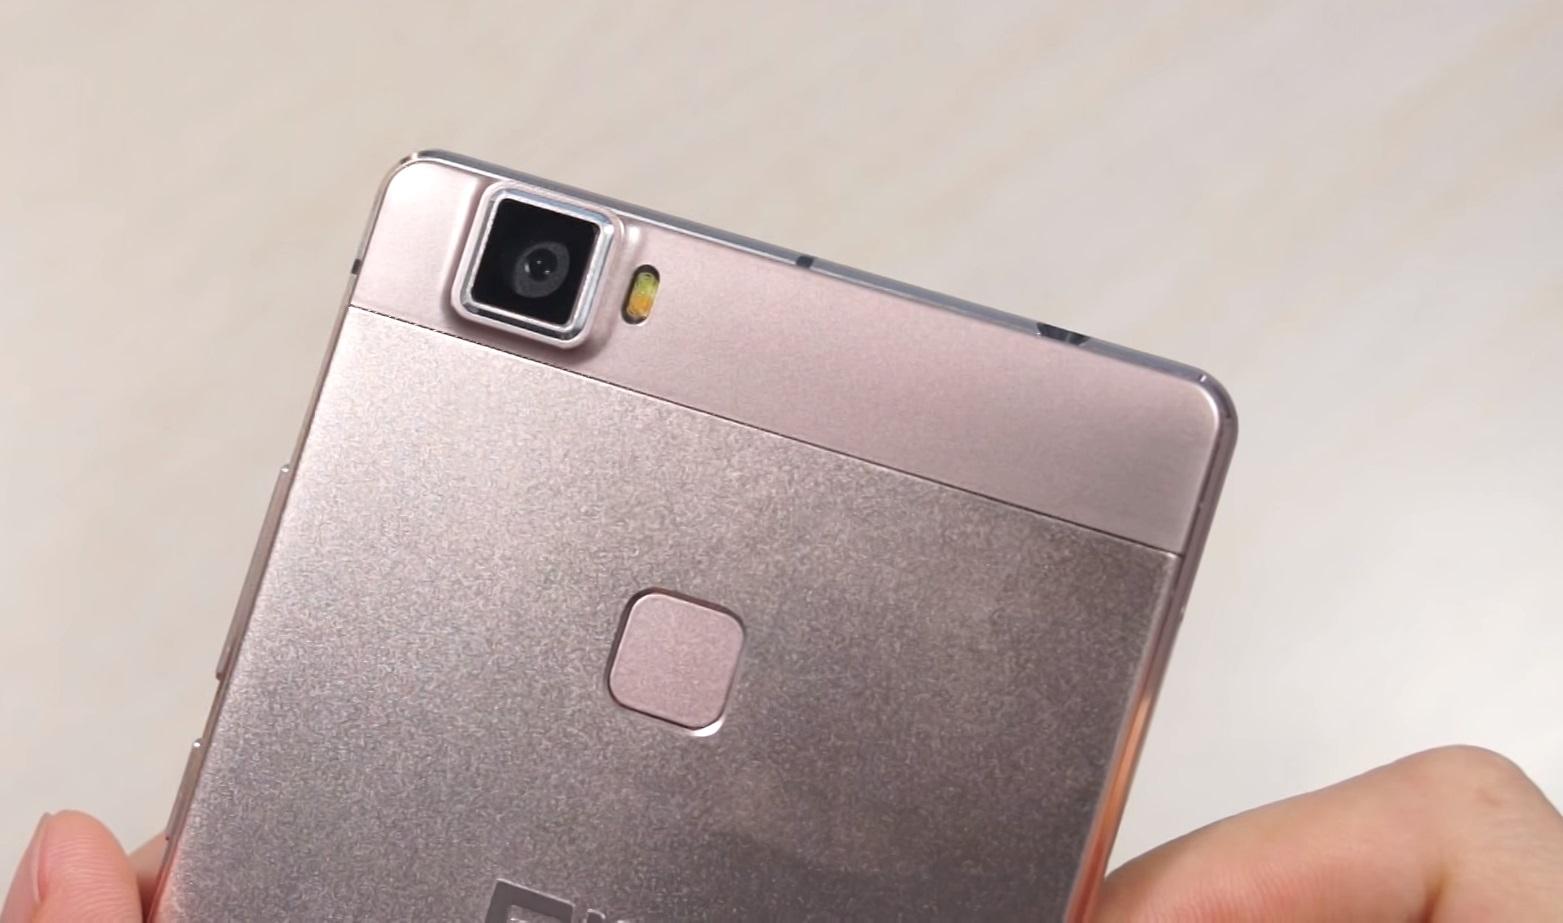 Elephone M3 Rose Gold held in hand, camera and fingerprint scanner zoomed, rose gold color option.